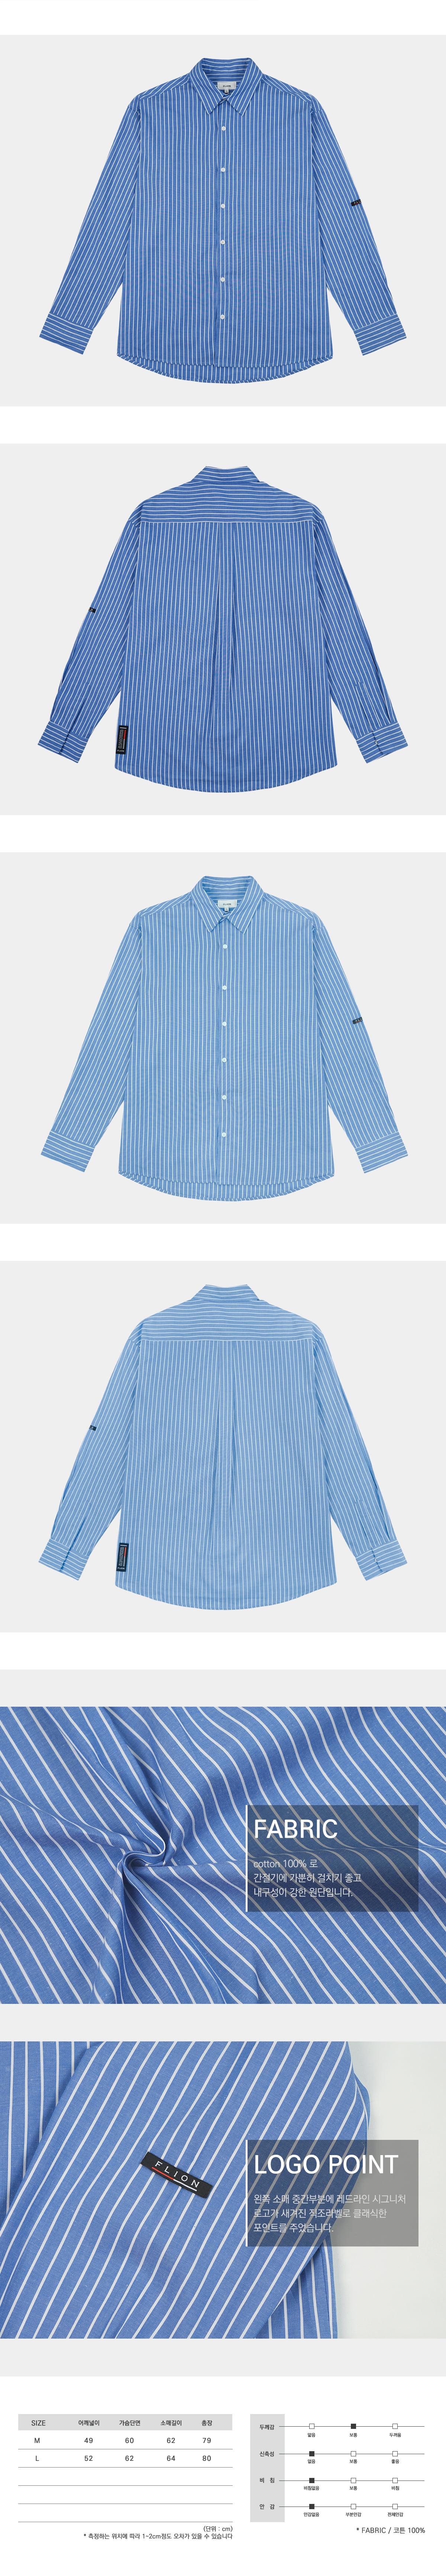 플리온(FLION) 레드라인 오버핏 스트라이프 셔츠